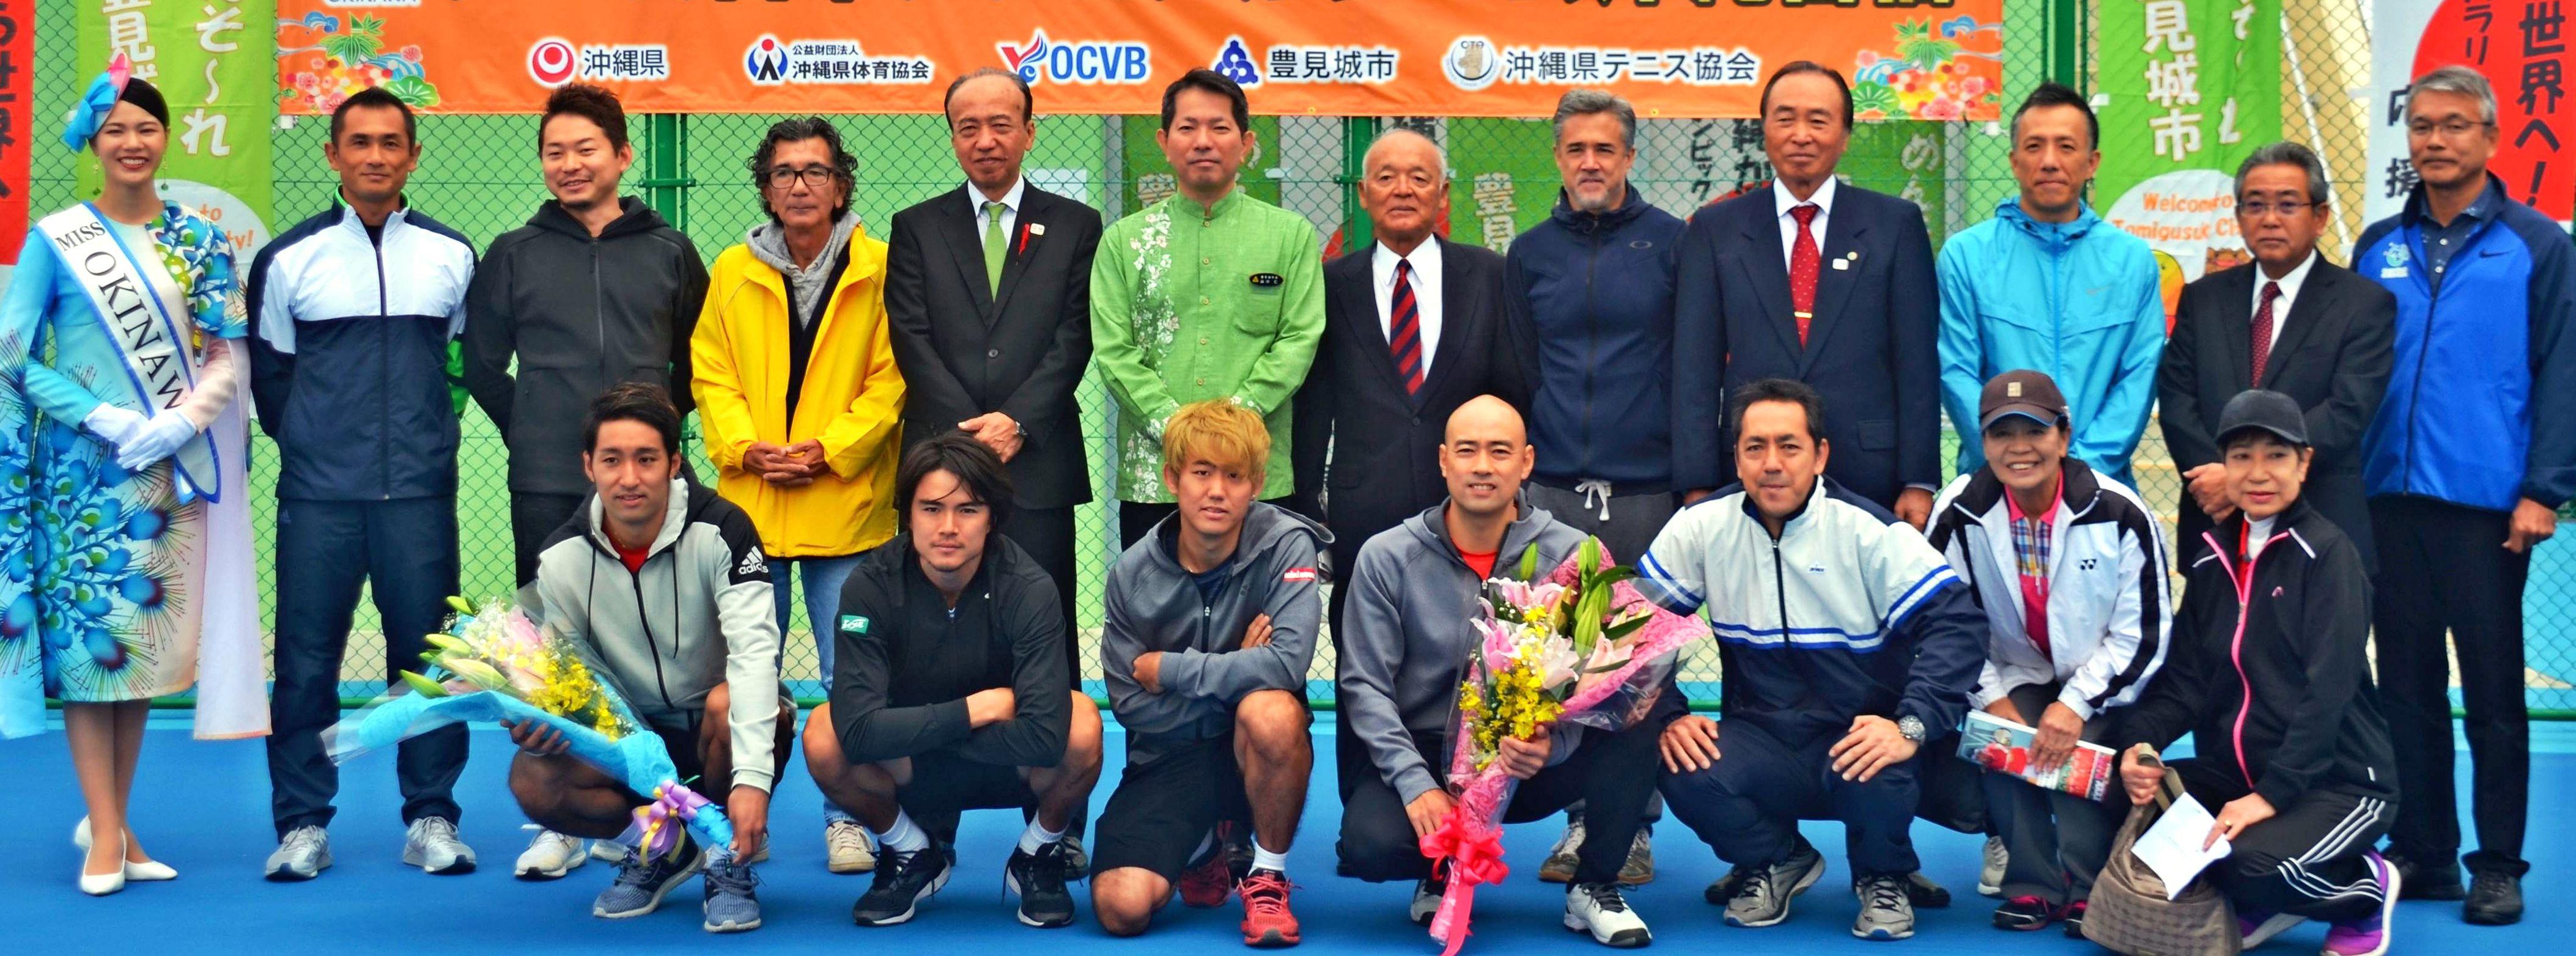 テニス 沖縄 協会 県 沖縄県ベテランズテニス協会